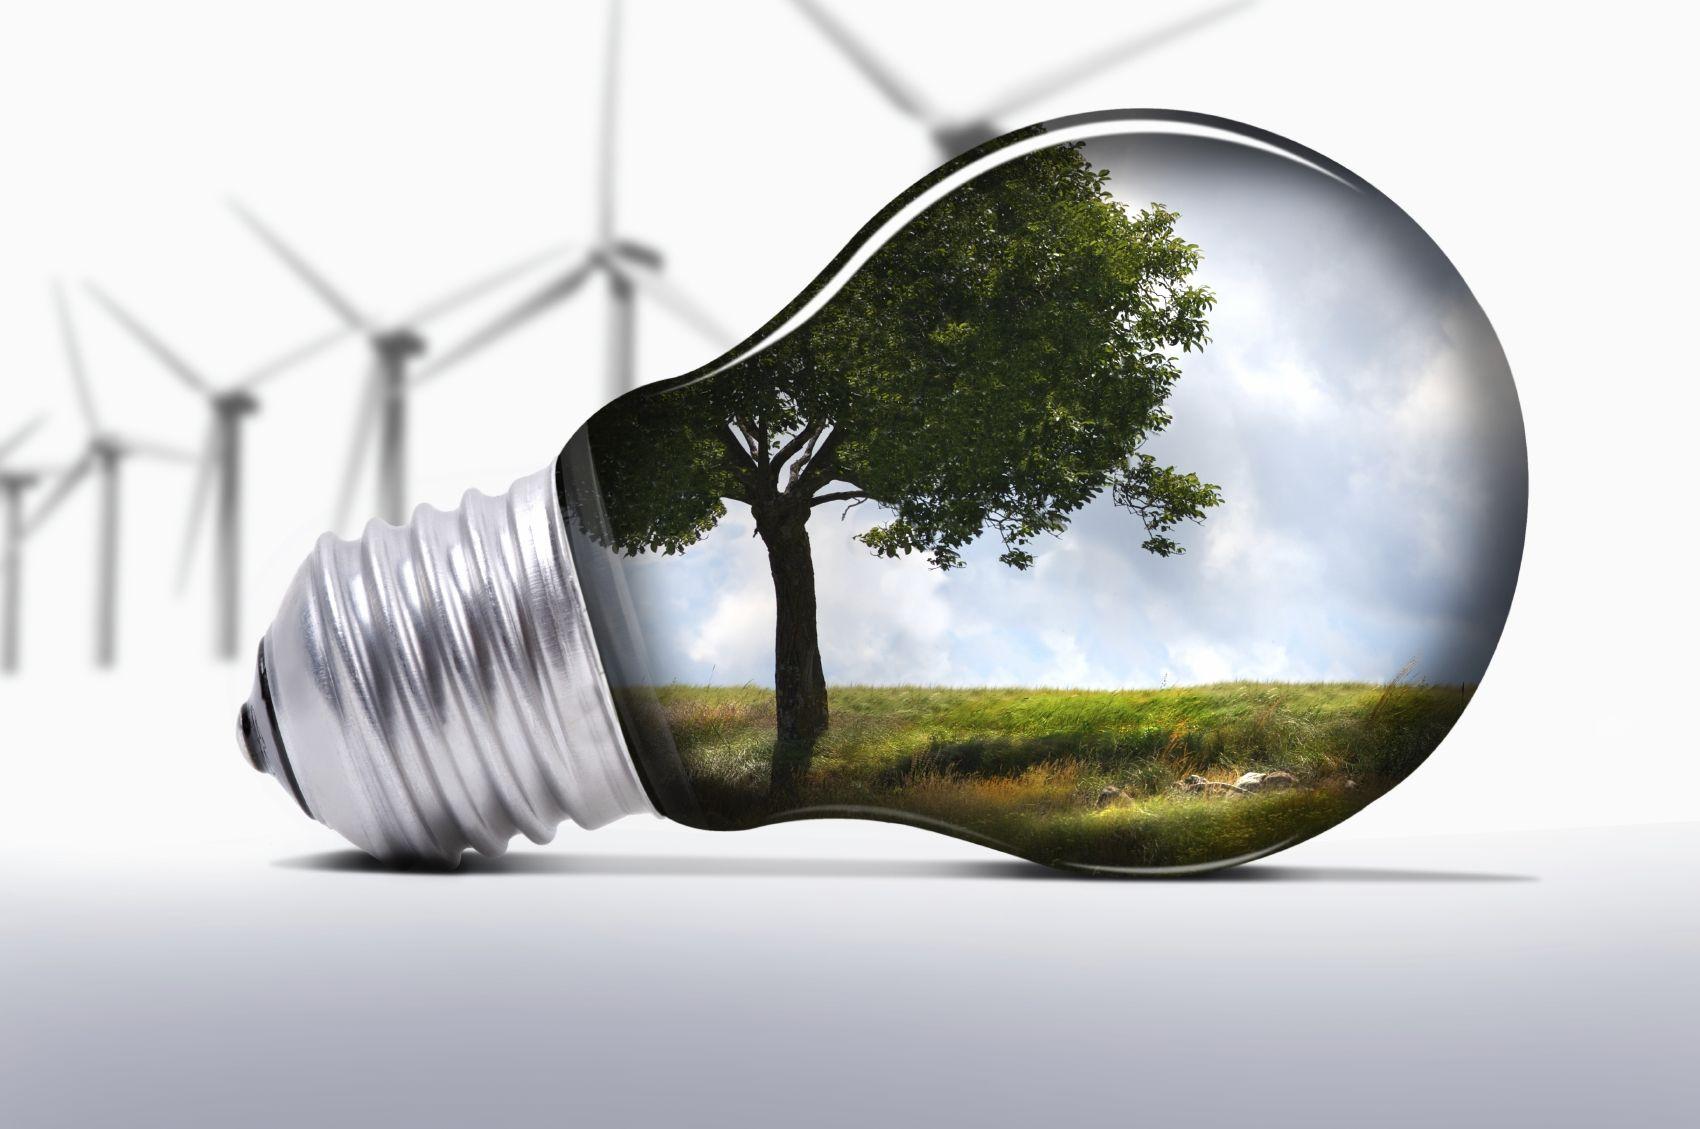 Κερδίζουν έδαφος οι Ανανεώσιμες Πηγές Ενέργειας